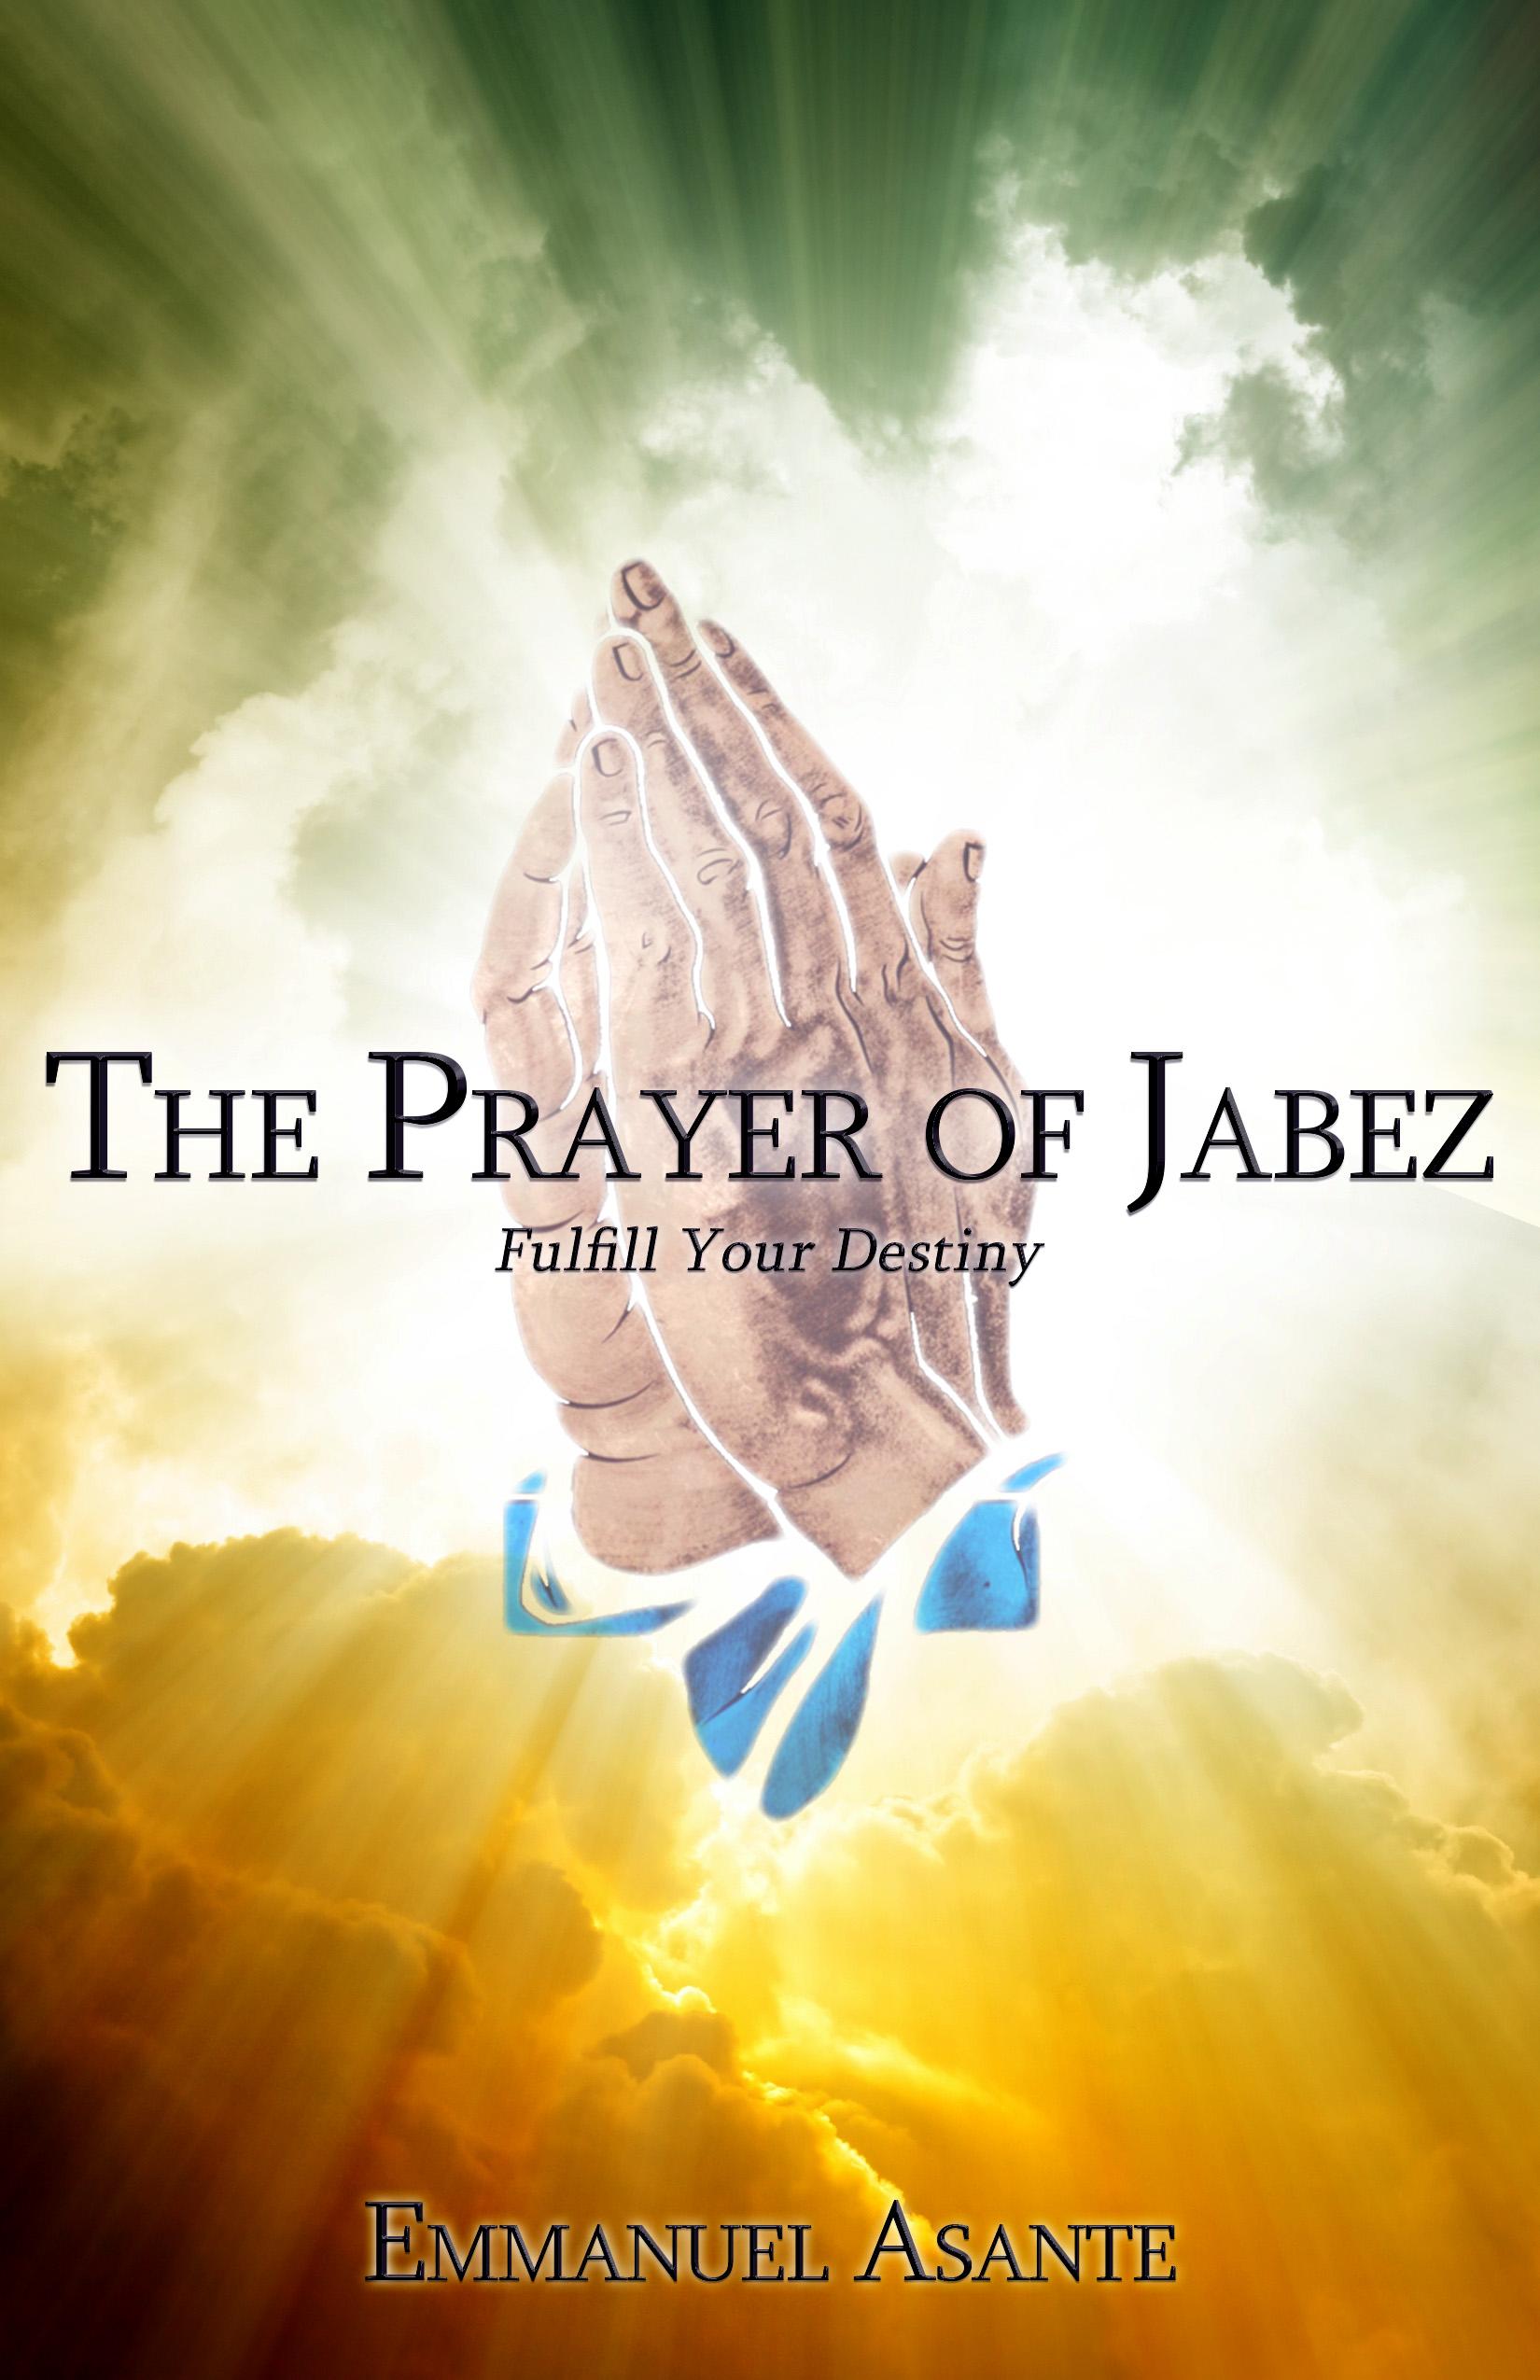 The Prayer of Jabez - Zeta Publishing